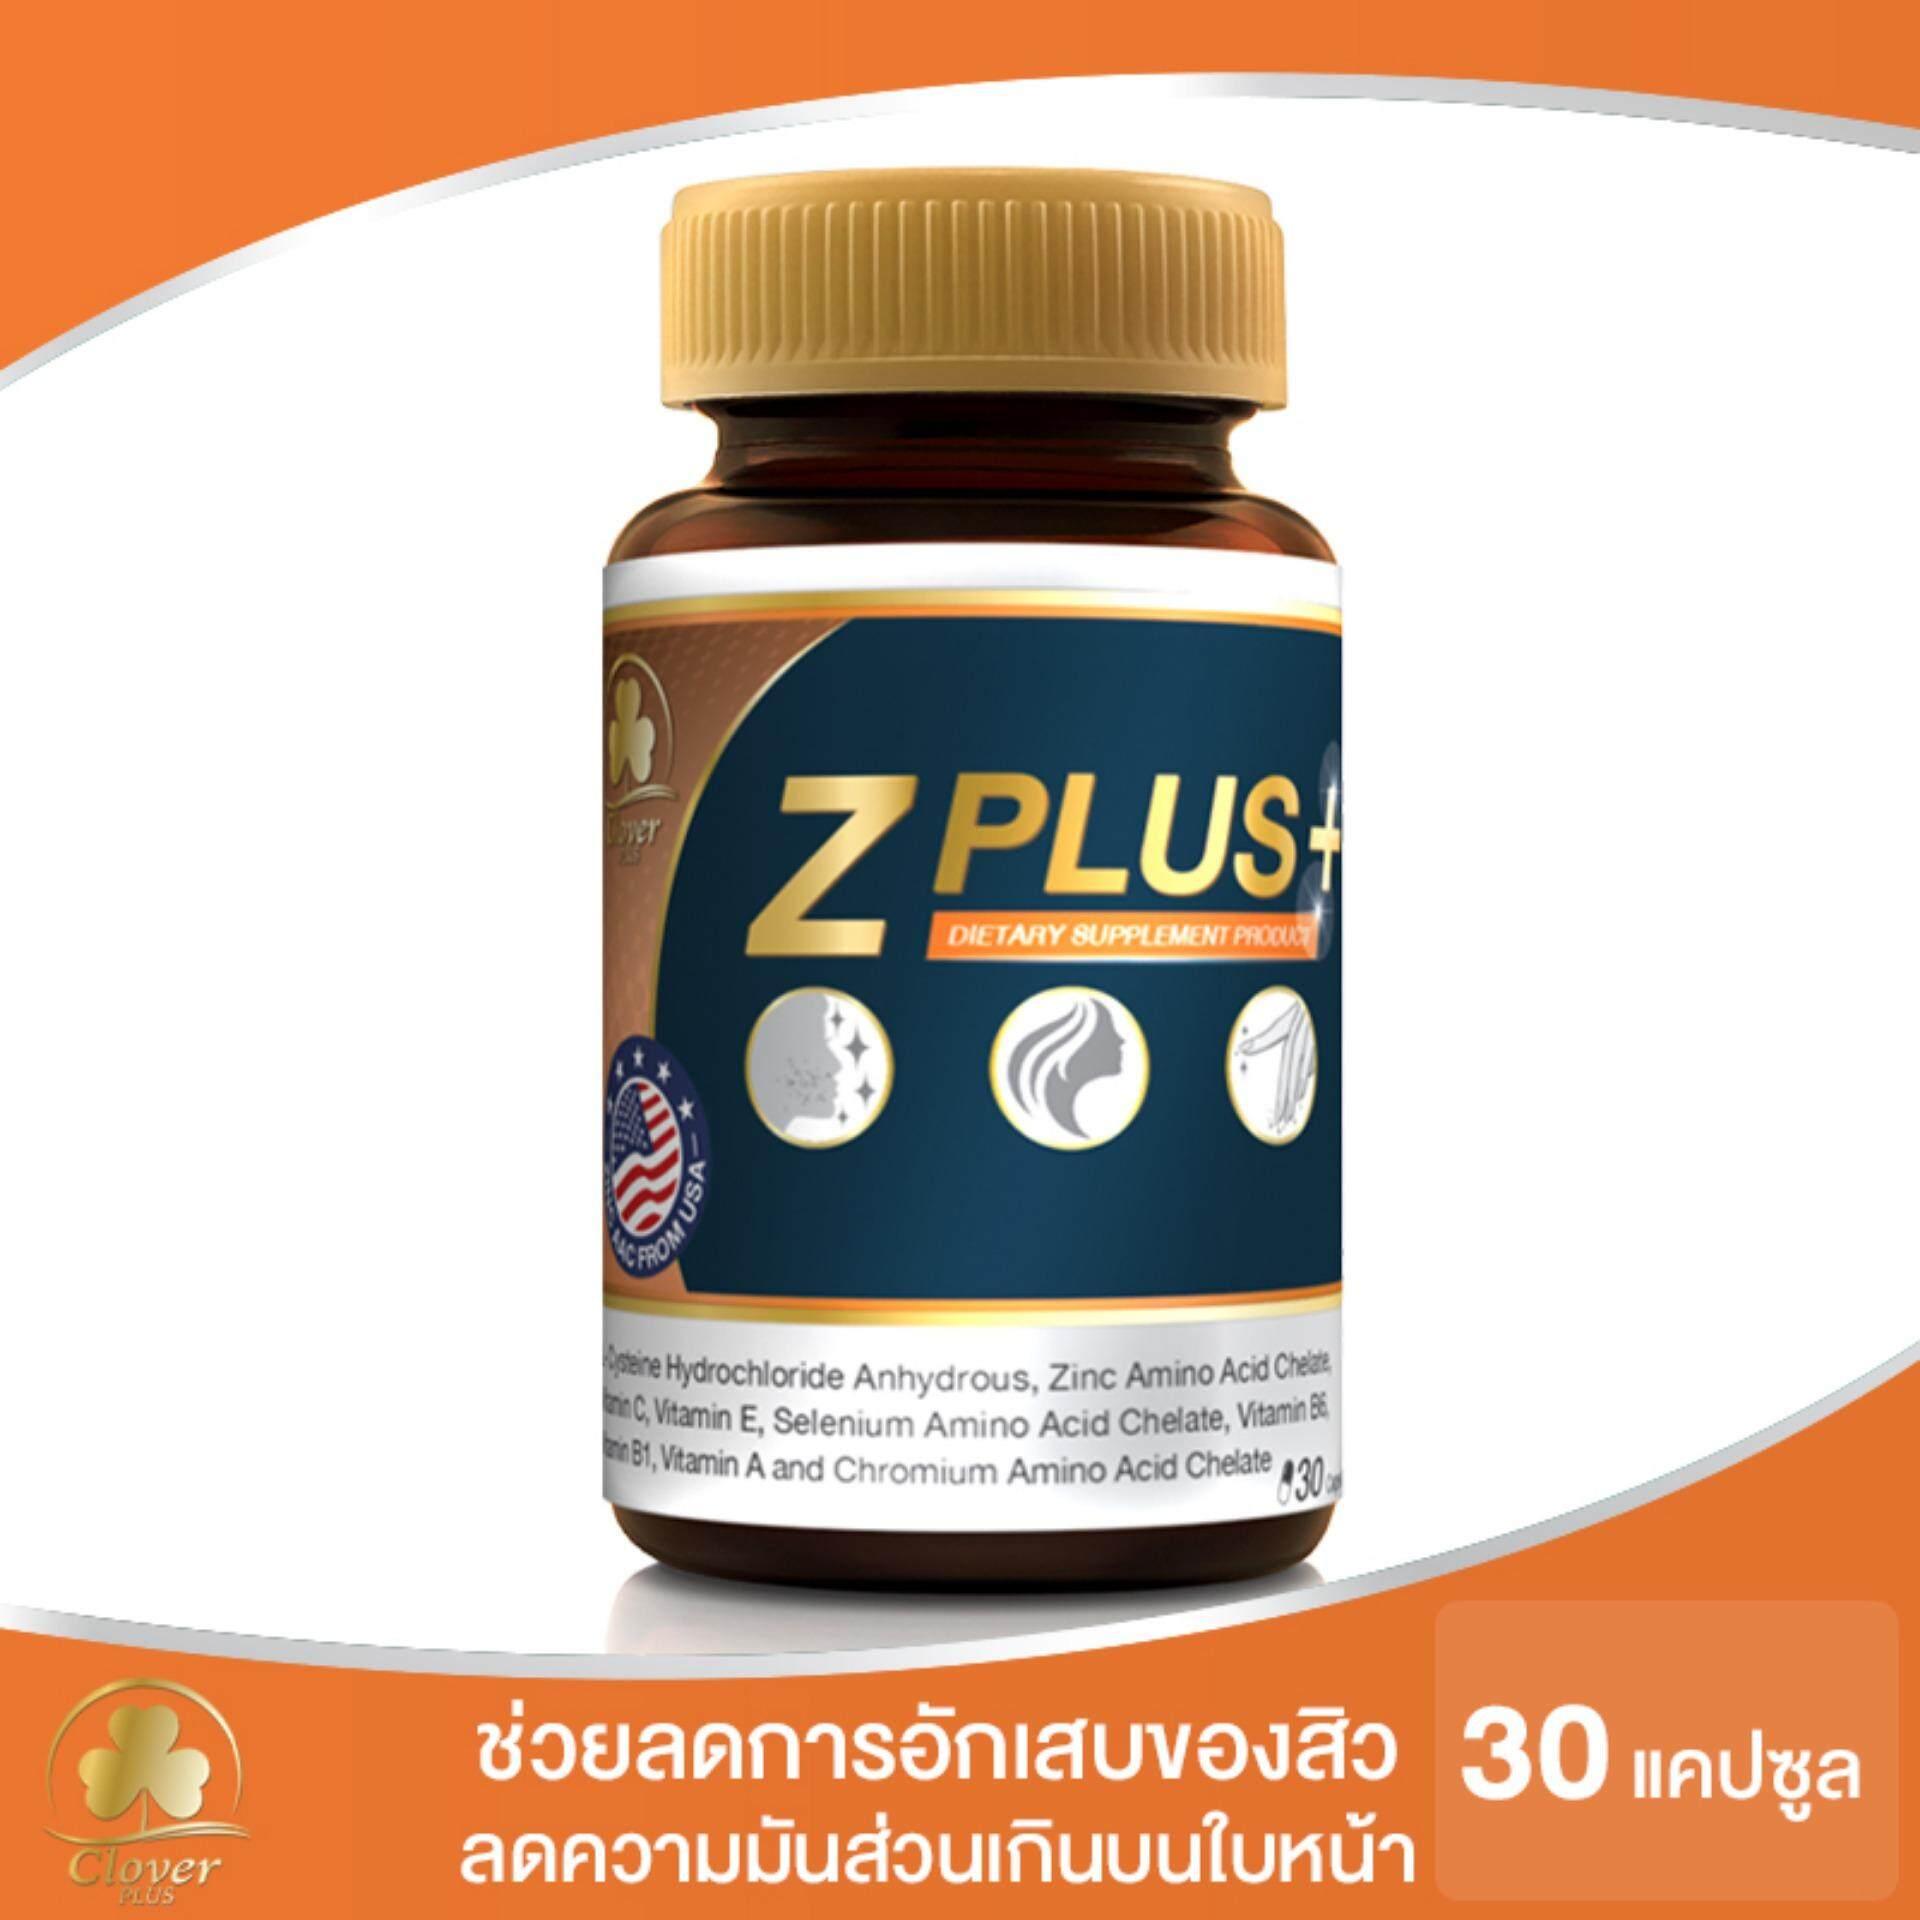 สินค้าขายดี !! Clover Plus ซี พลัส ซิงค์ ช่วยรักษาสิว ลดการอักเสบของสิว ช่วยบำรุงผมและเล็บ Z Plus Zinc (30 Capsules) By Cloverplusthailand.